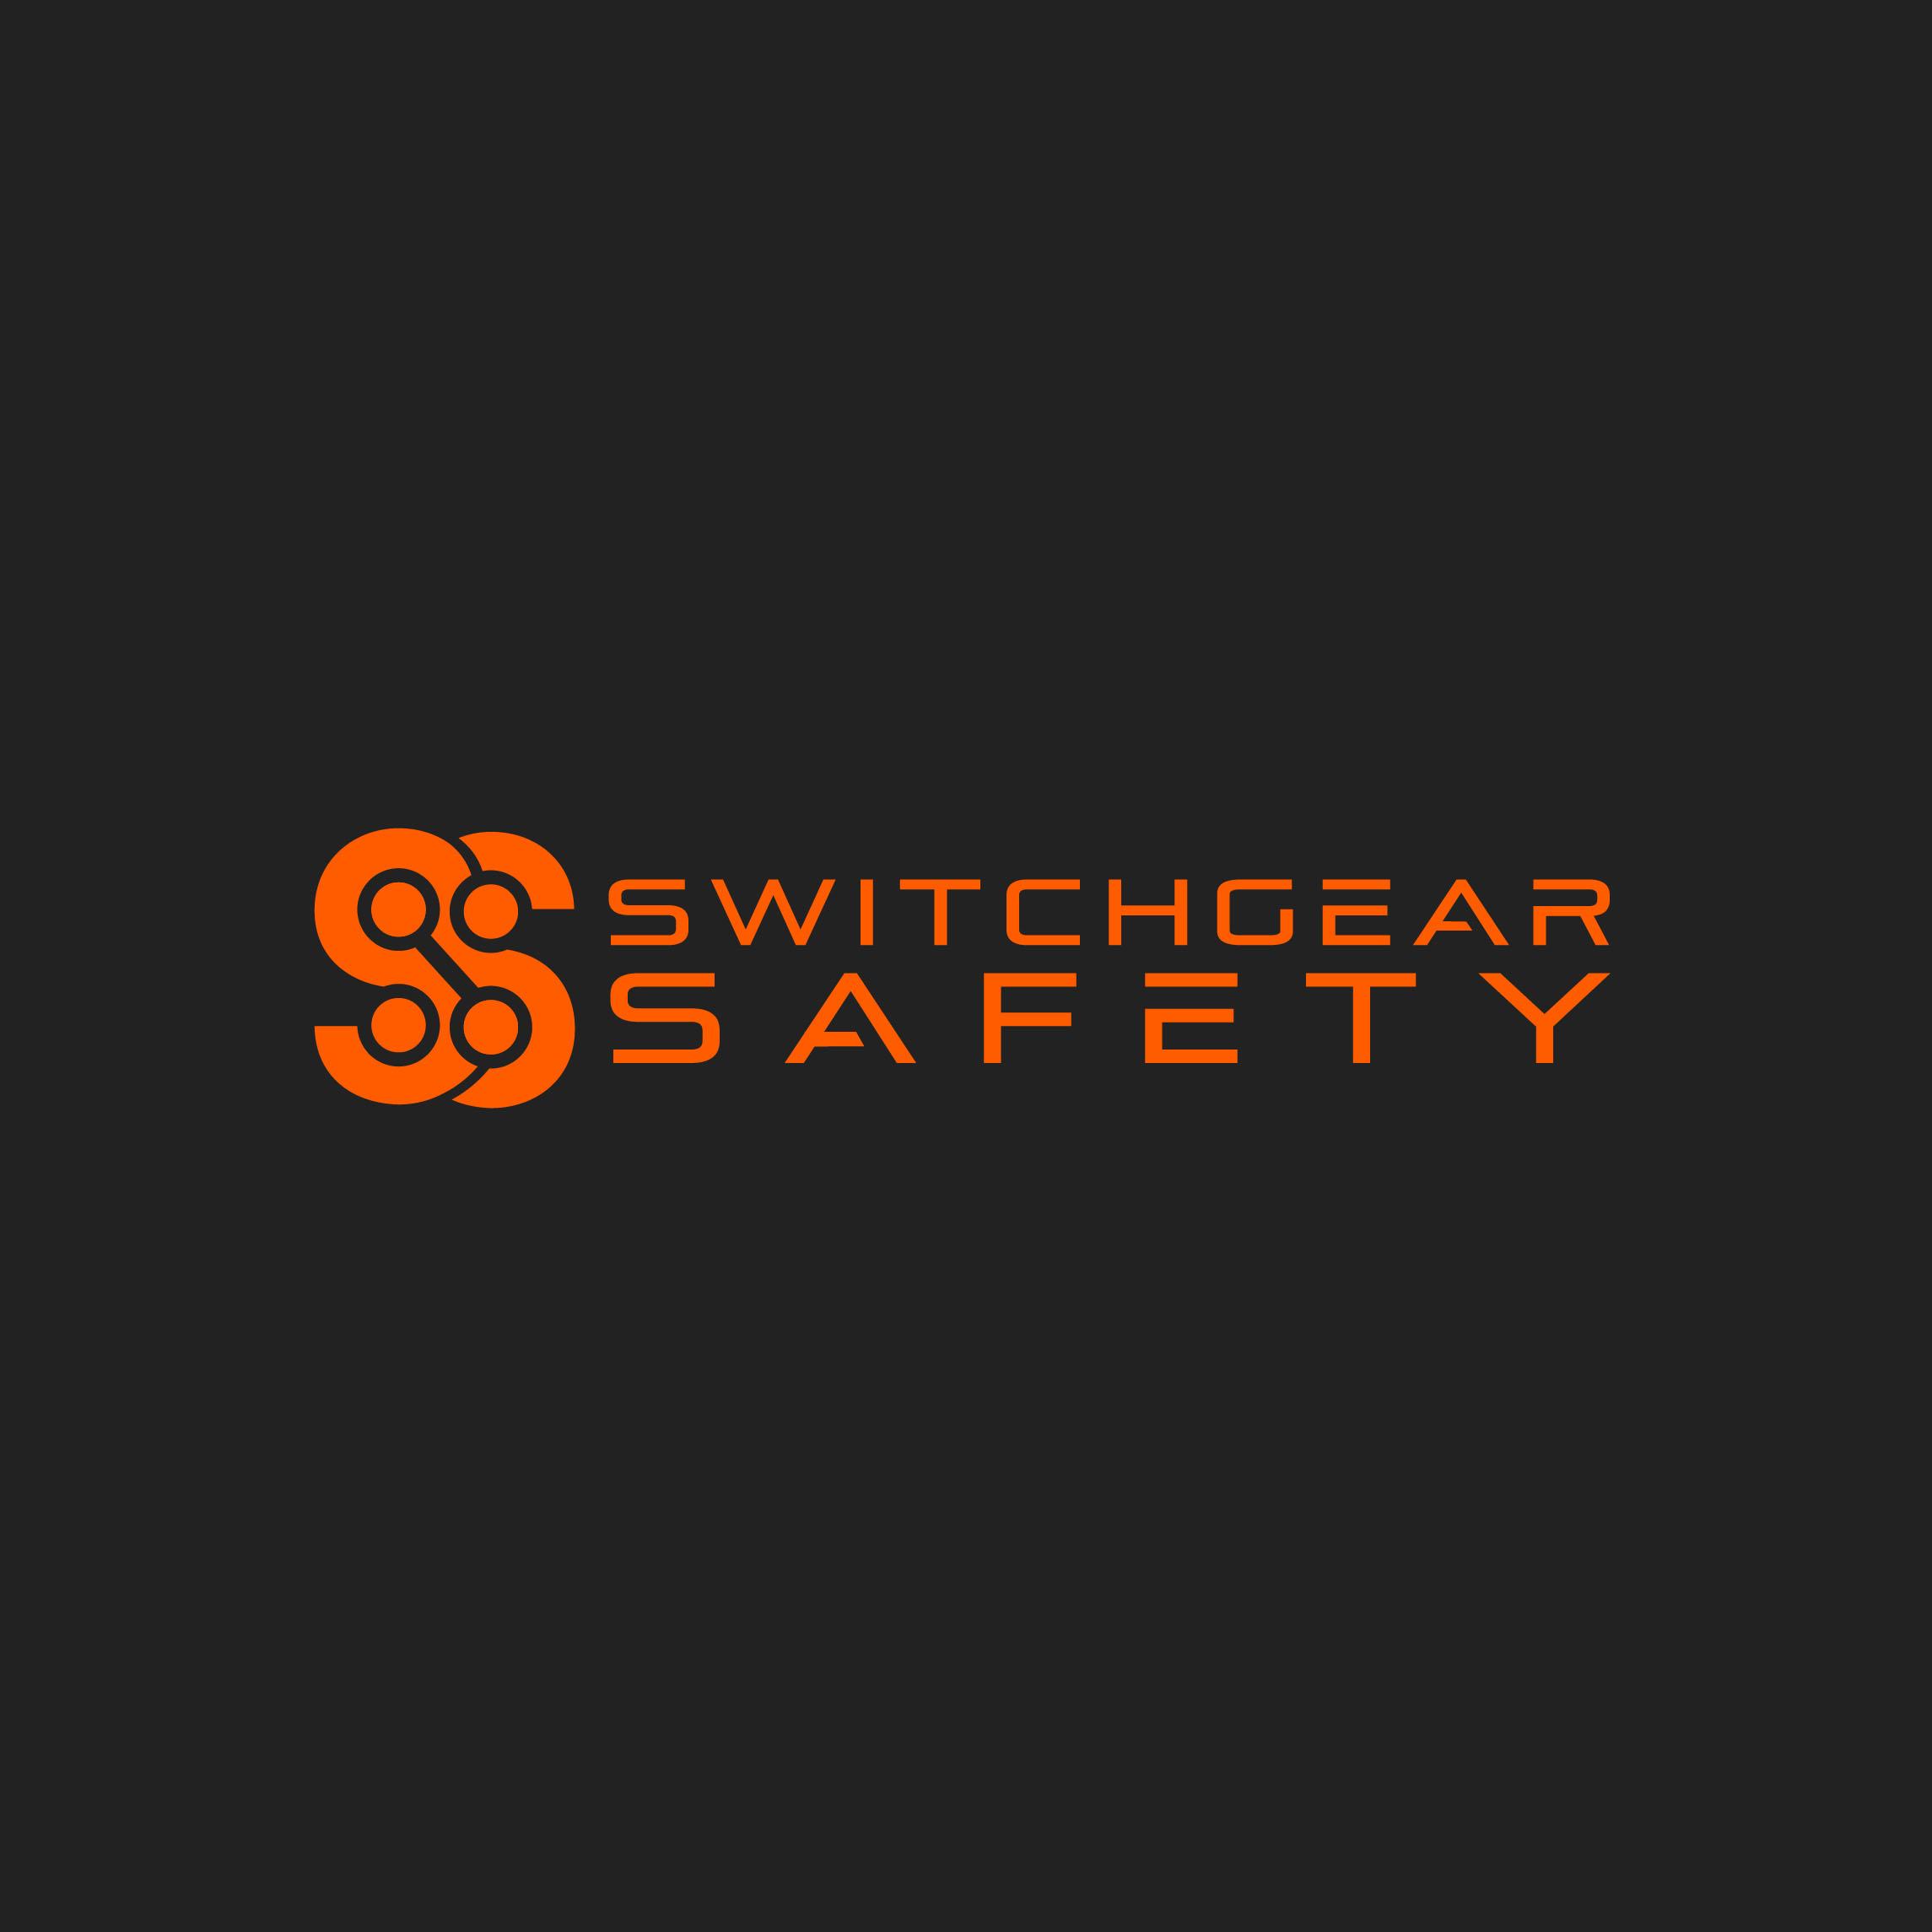 Switchgear Safety Logo Design